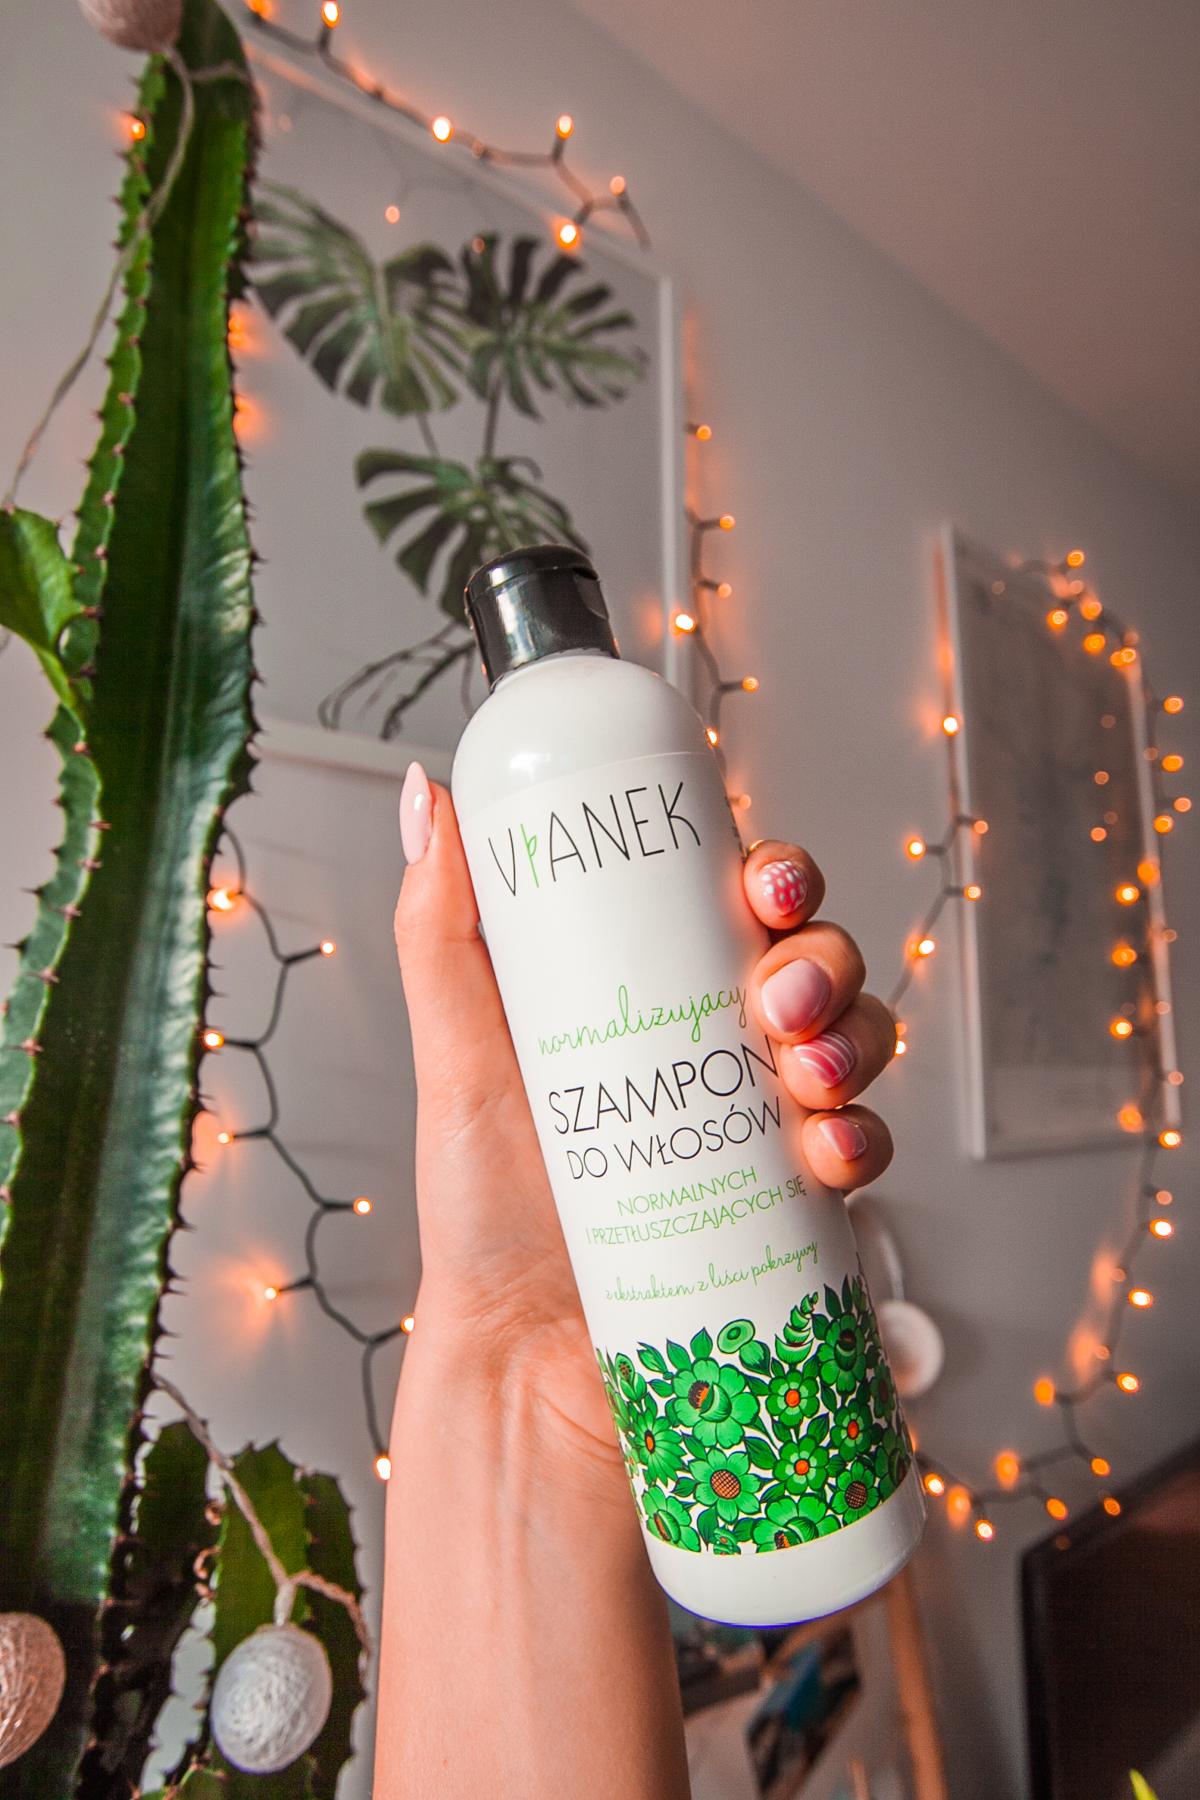 normalizujący szampon do włosów vianek sylveco